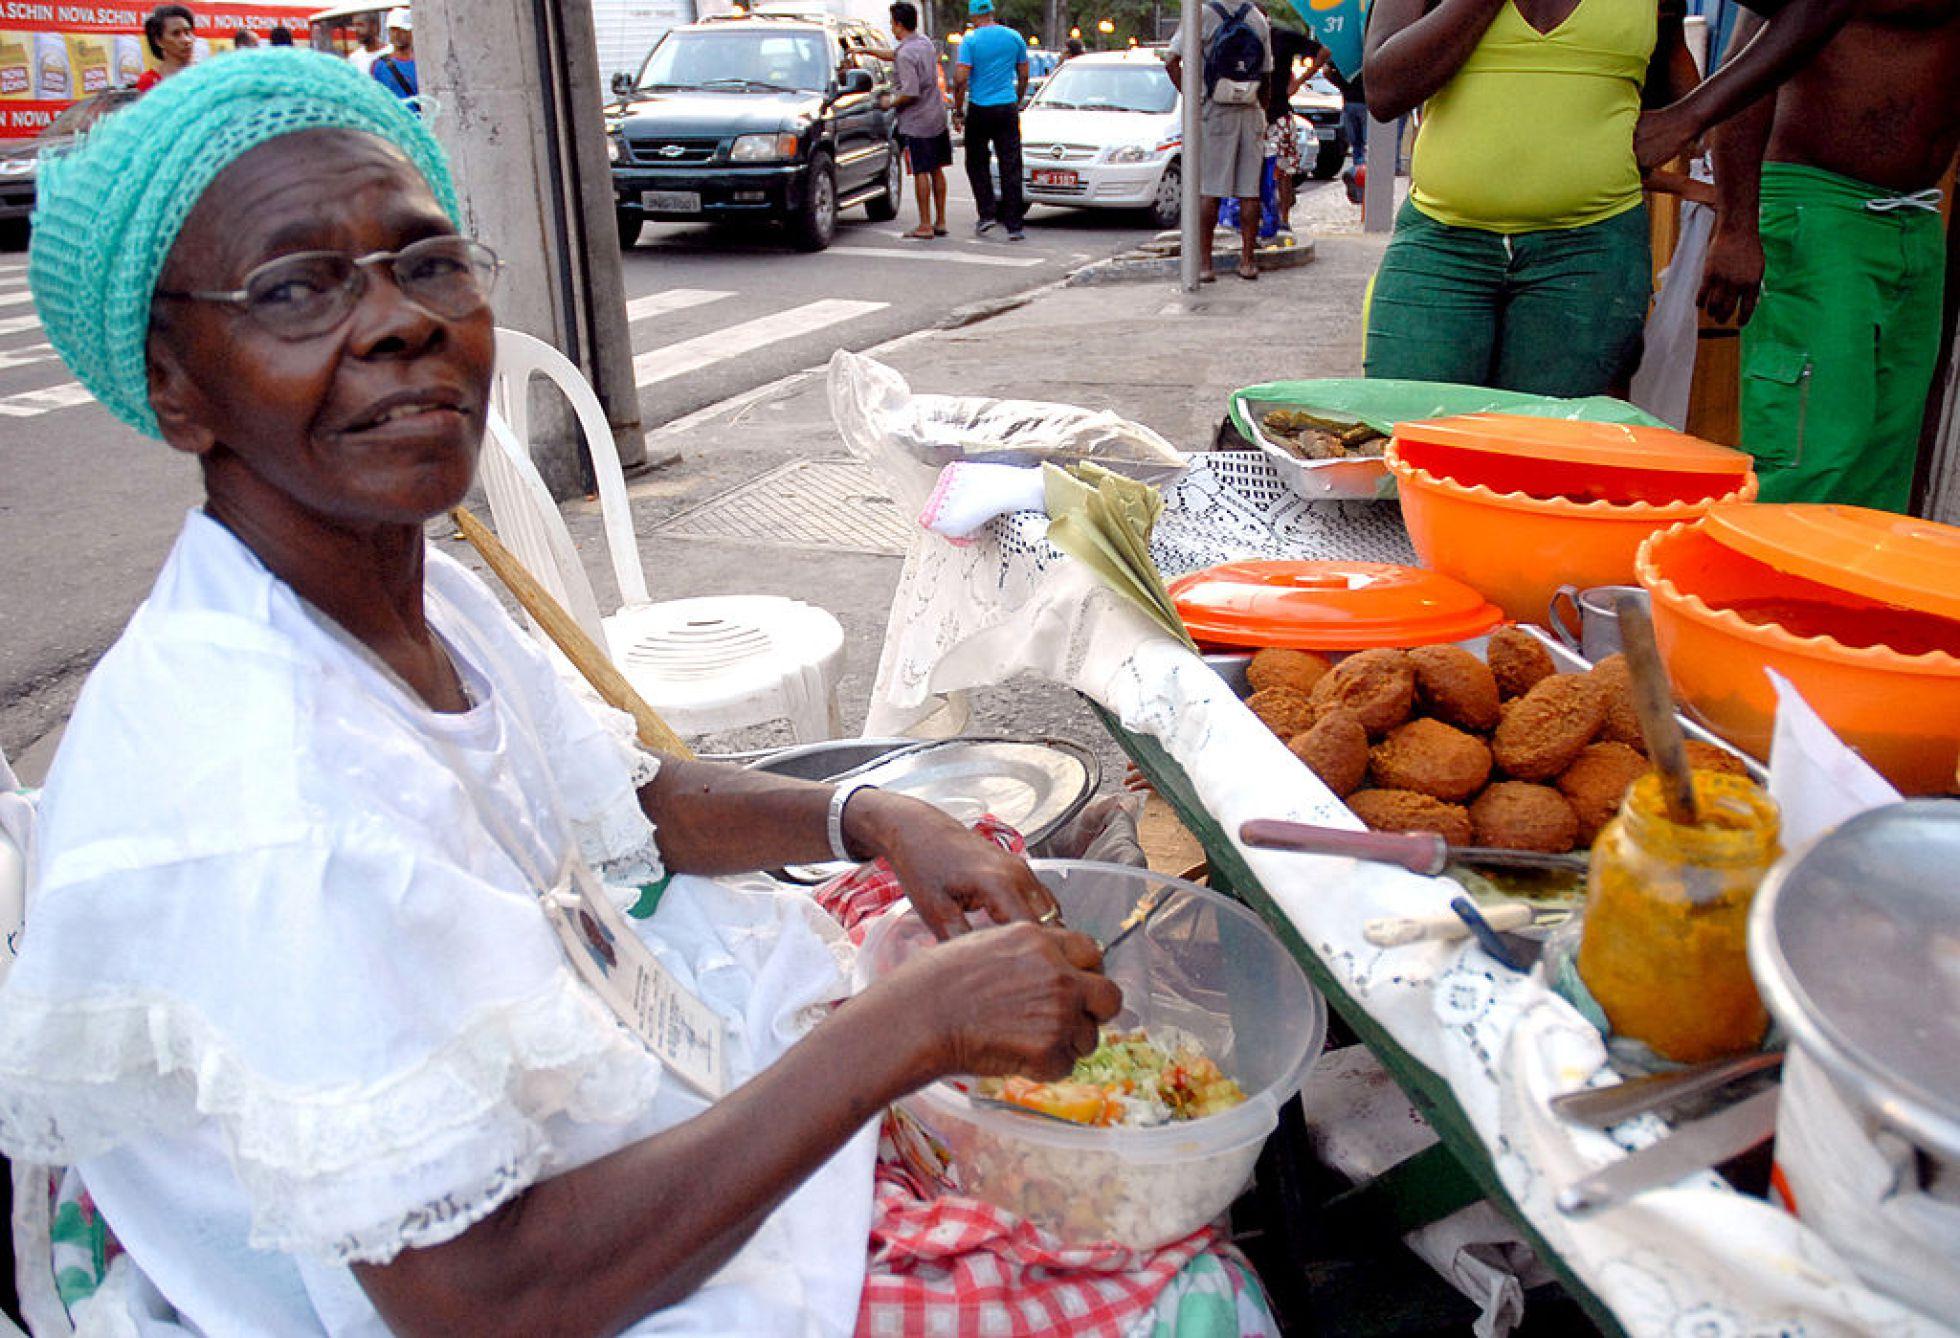 A baiana de acarajé, símbolo da ancestralidade africana na culinária brasileira. Fotos públicas